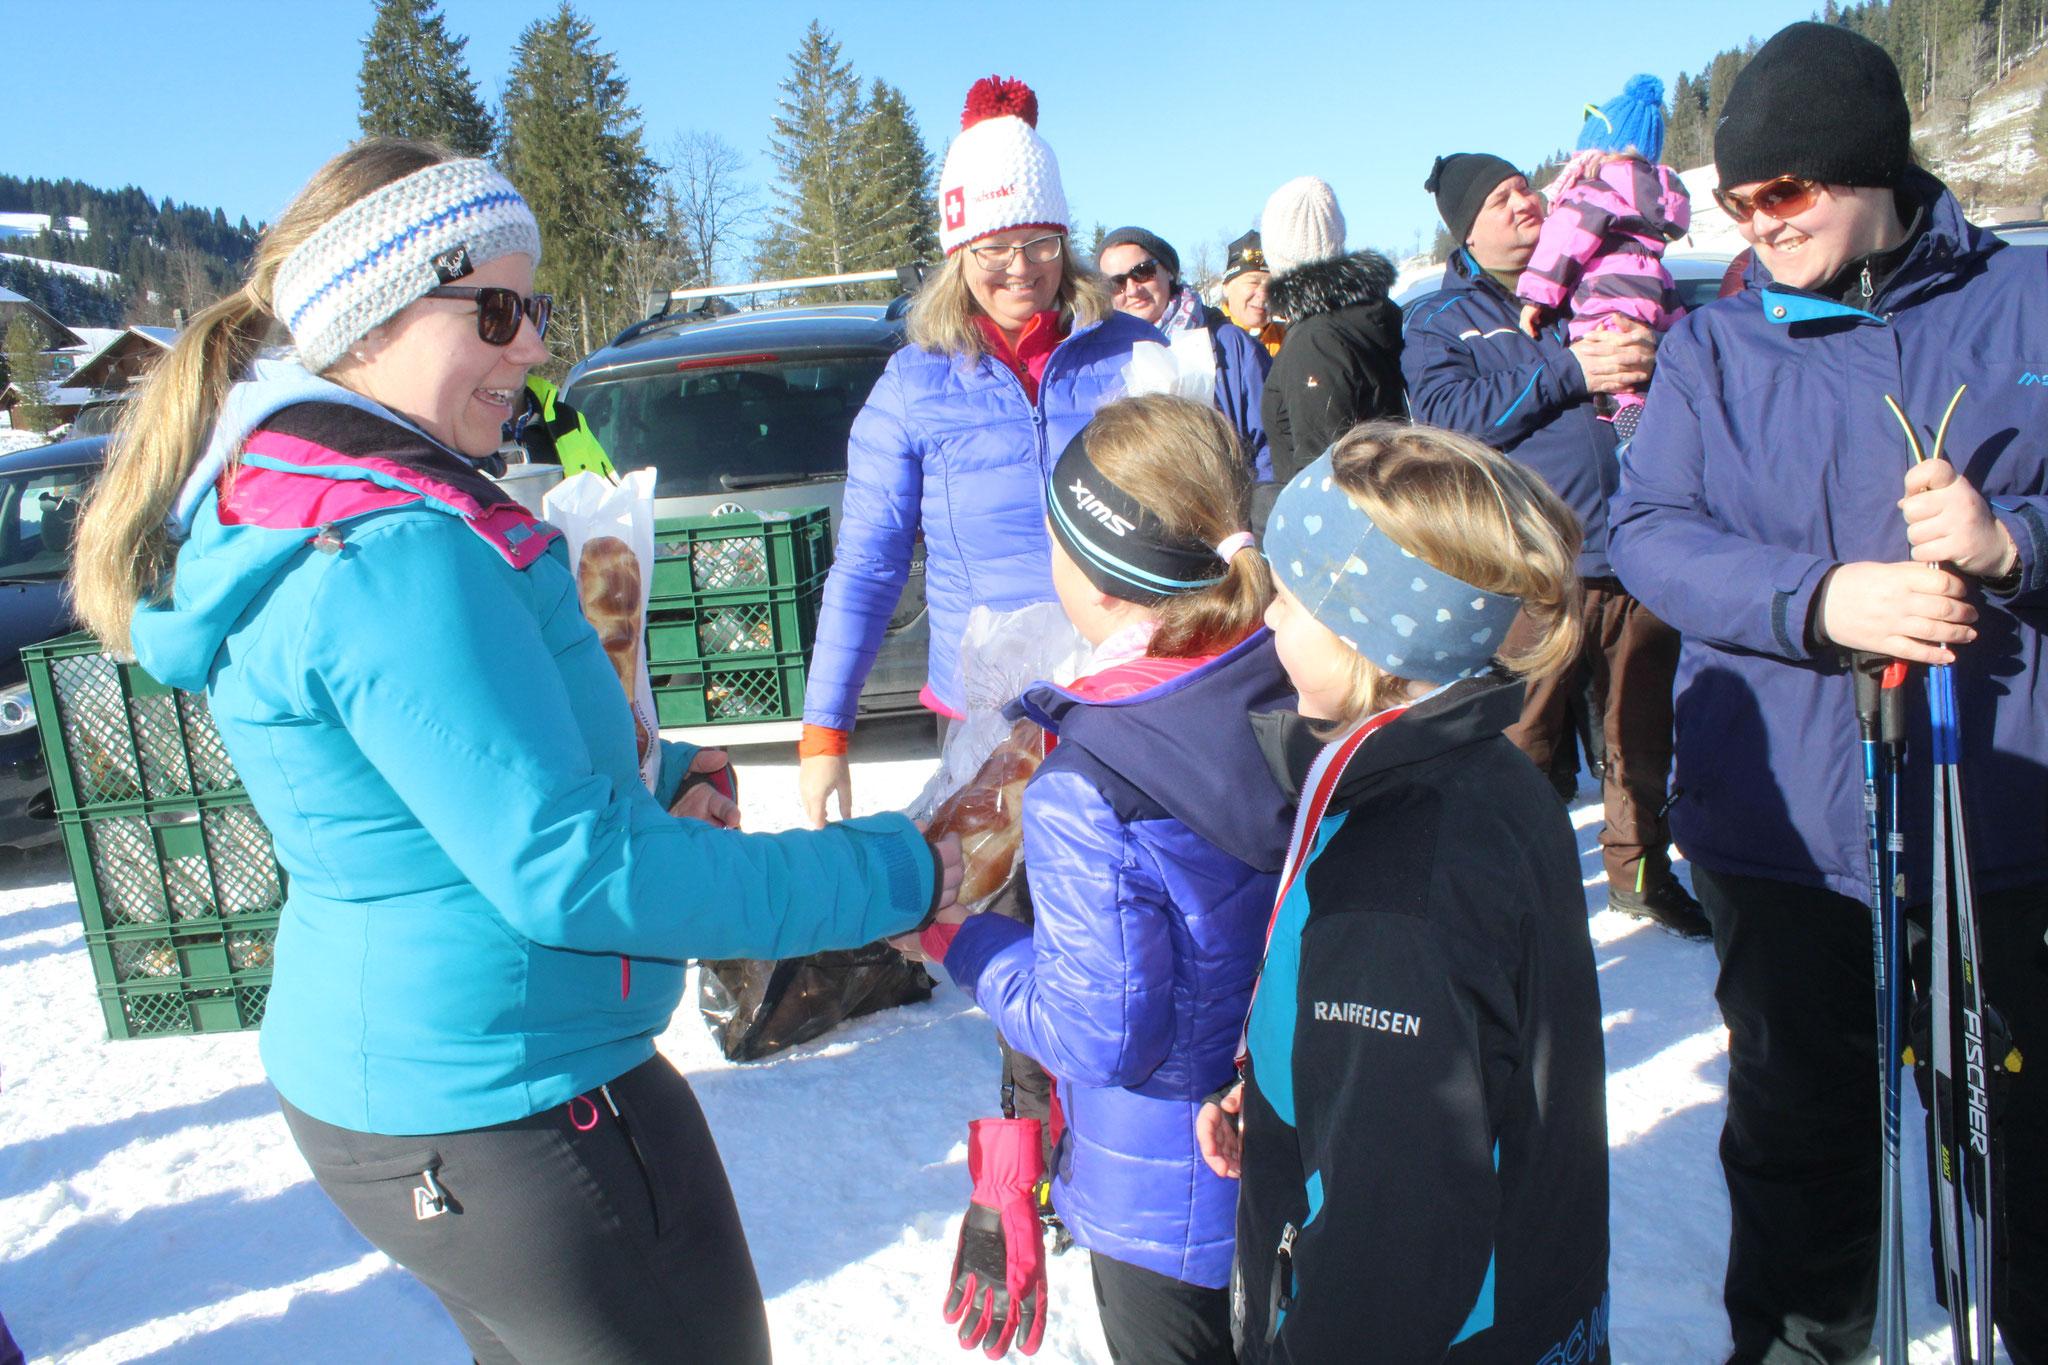 Alle Teilnehmer erhanten von Sabrina Bangerter und Vreni Gilli eine Züpfe für ihren Einsatz. Hier nehmen Emma Zihlmann und Sarah Emmenegger ihre Züpfen in Empfang.